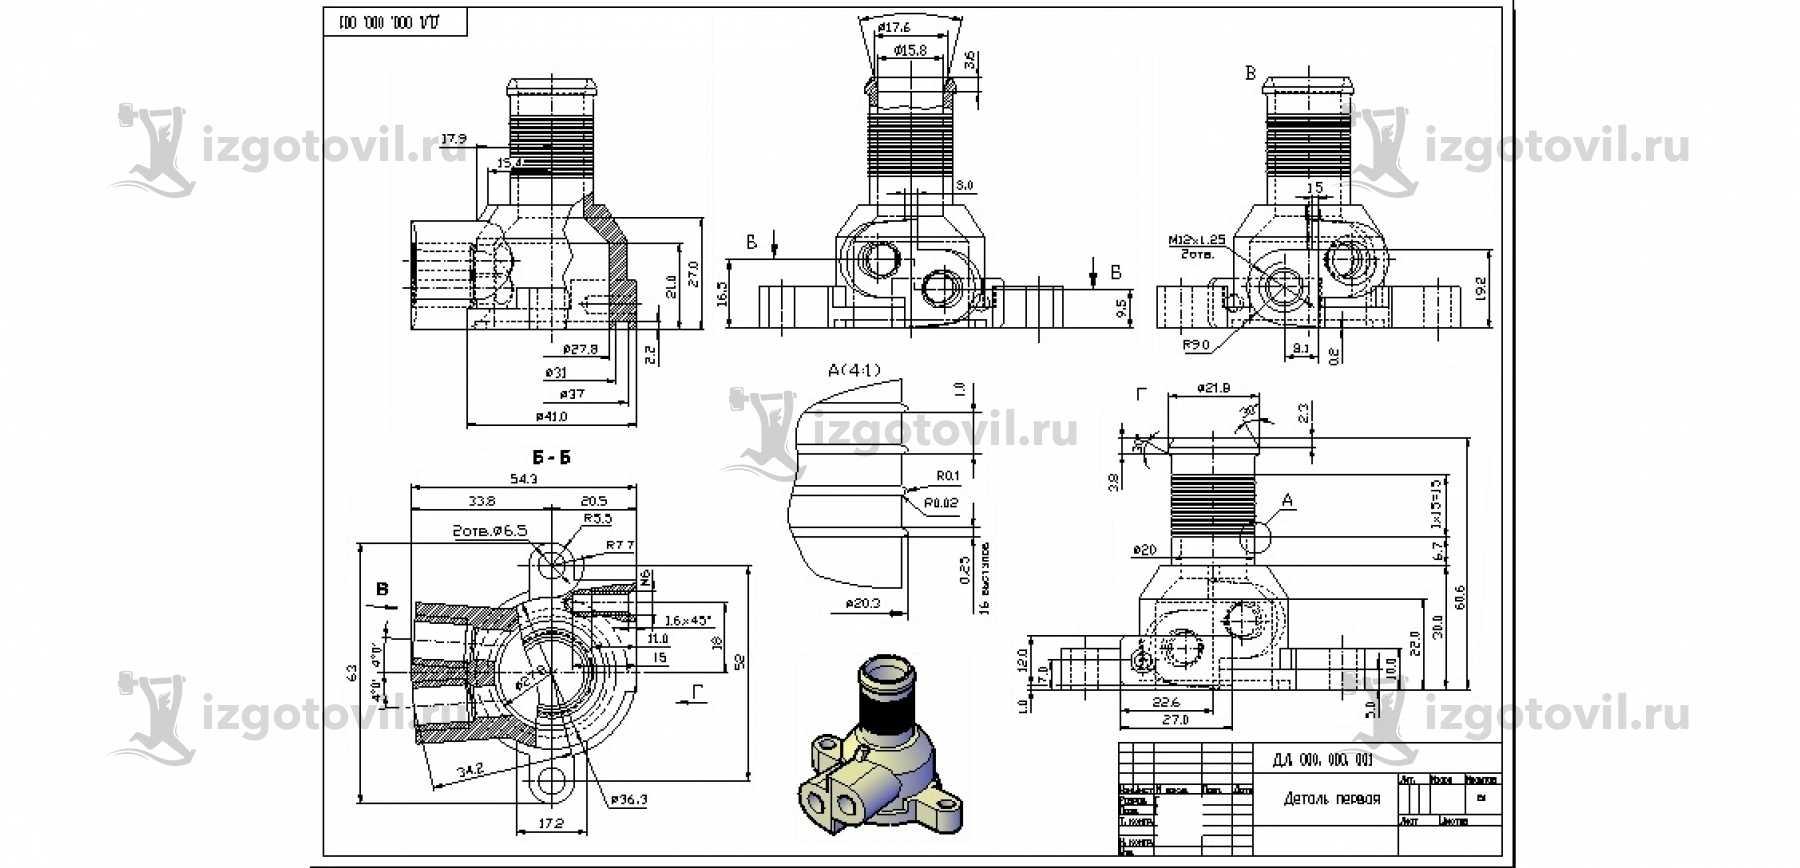 Литейное производство- изготовление детали